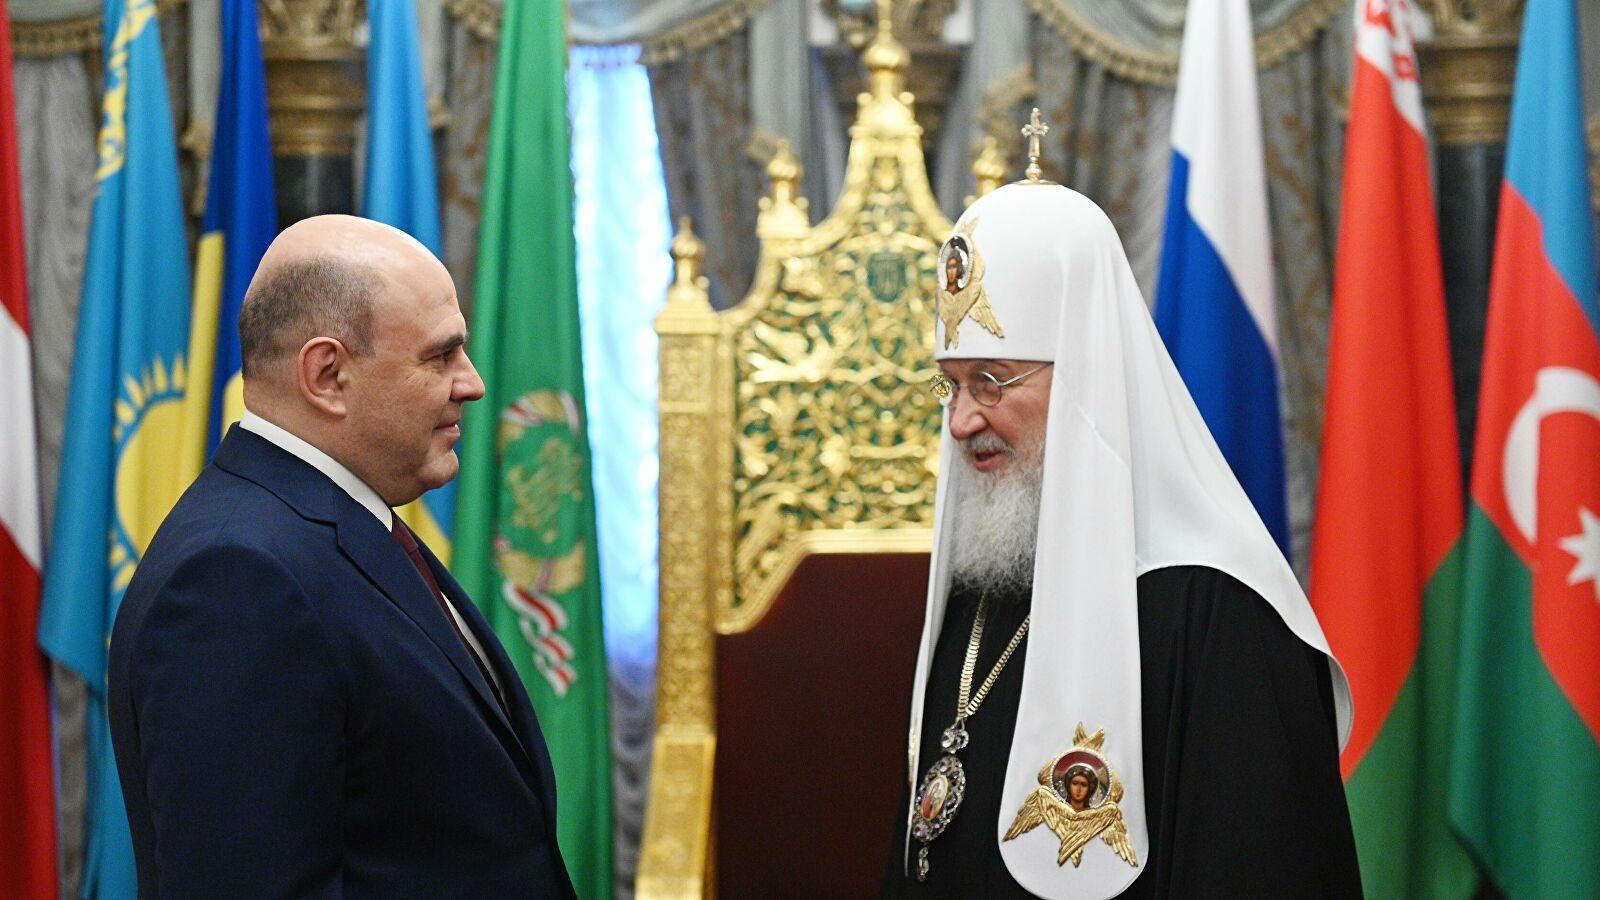 Патриарх удостоил Мишустина ордена Даниила Московского